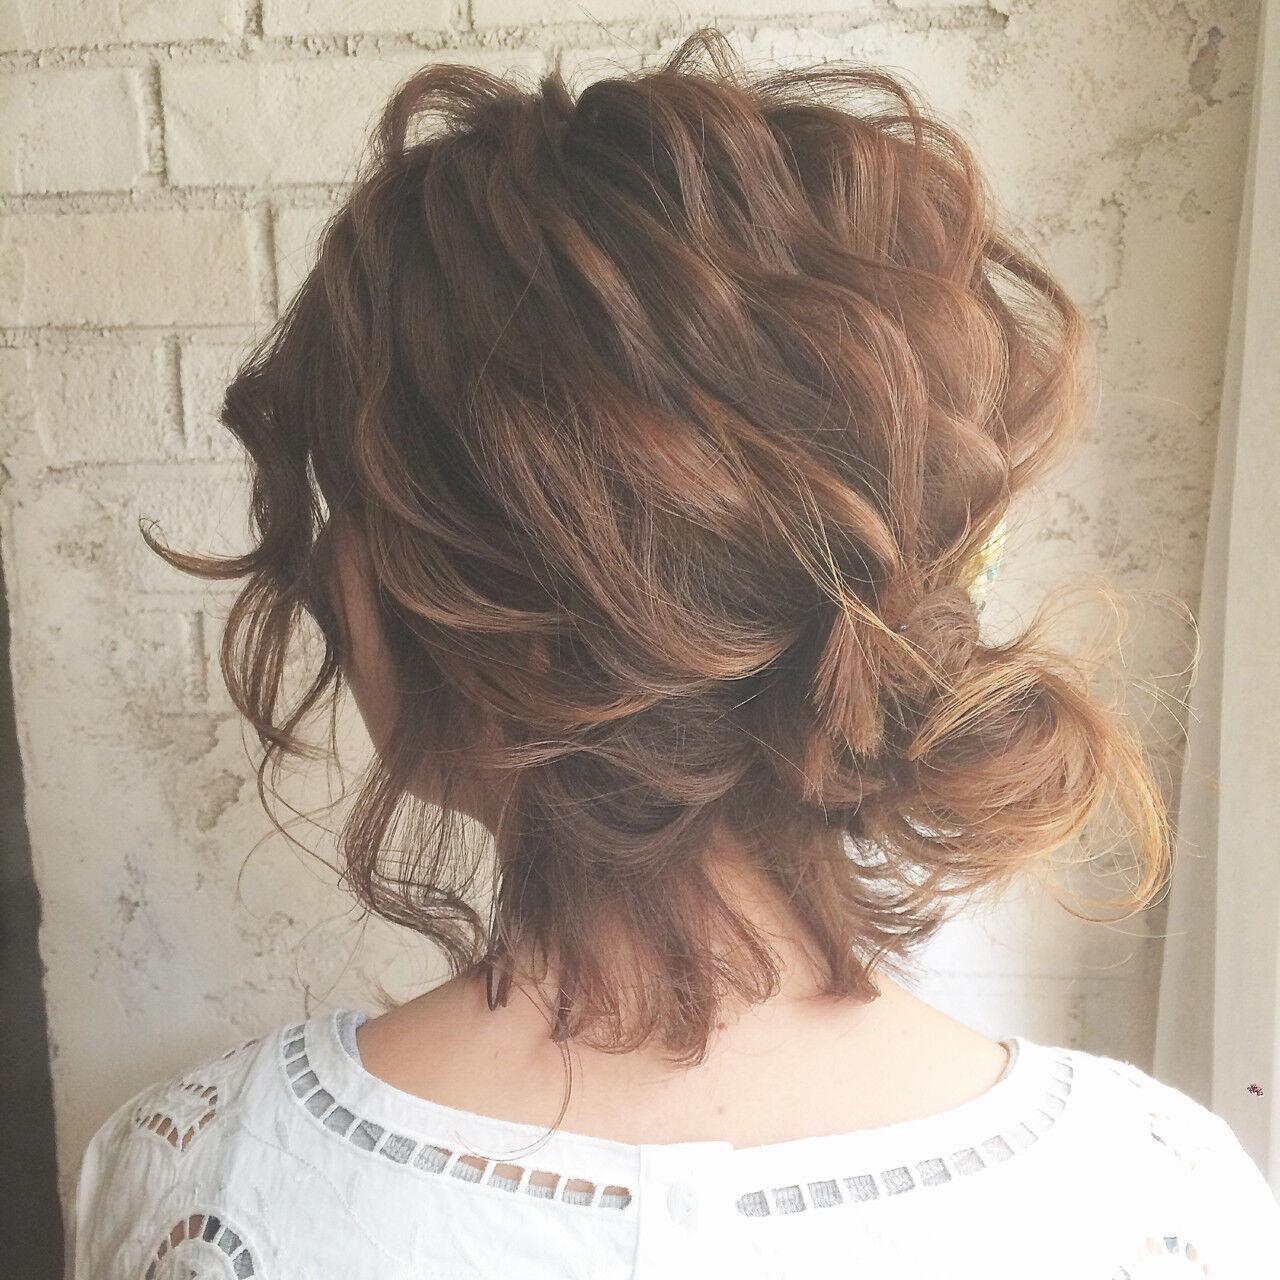 ヘアアレンジ ボブ ハーフアップ 大人女子ヘアスタイルや髪型の写真・画像